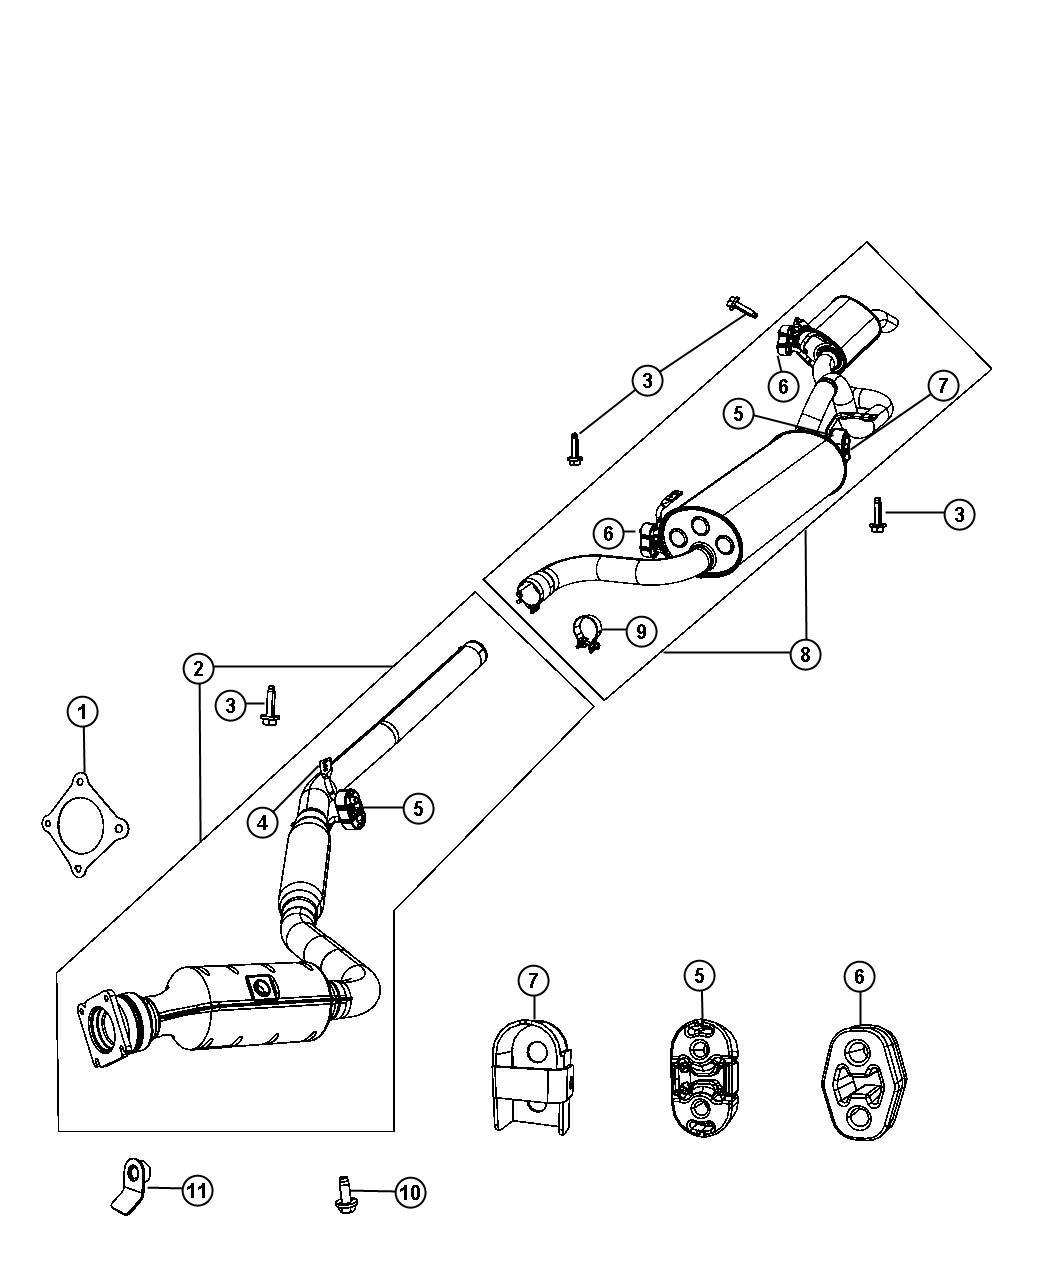 i2237088  L Engine Diagram Free Download on 3.8 engine diagram, buick 3800 engine diagram, chevy v6 engine diagram, hybrid engine diagram, 3800 v6 engine diagram, turbo engine diagram, fwd engine diagram, 5.4l engine diagram, 5.7l hemi engine diagram, fuel injected engine diagram, v-6 engine diagram, 3.6l v6 engine diagram, 3l engine diagram, 4.6l v8 engine diagram, car engine diagram, 3.1l engine diagram, ford v6 engine diagram, gm 3.5 v6 engine diagram, 3.9l engine diagram, chevy 3800 engine diagram,